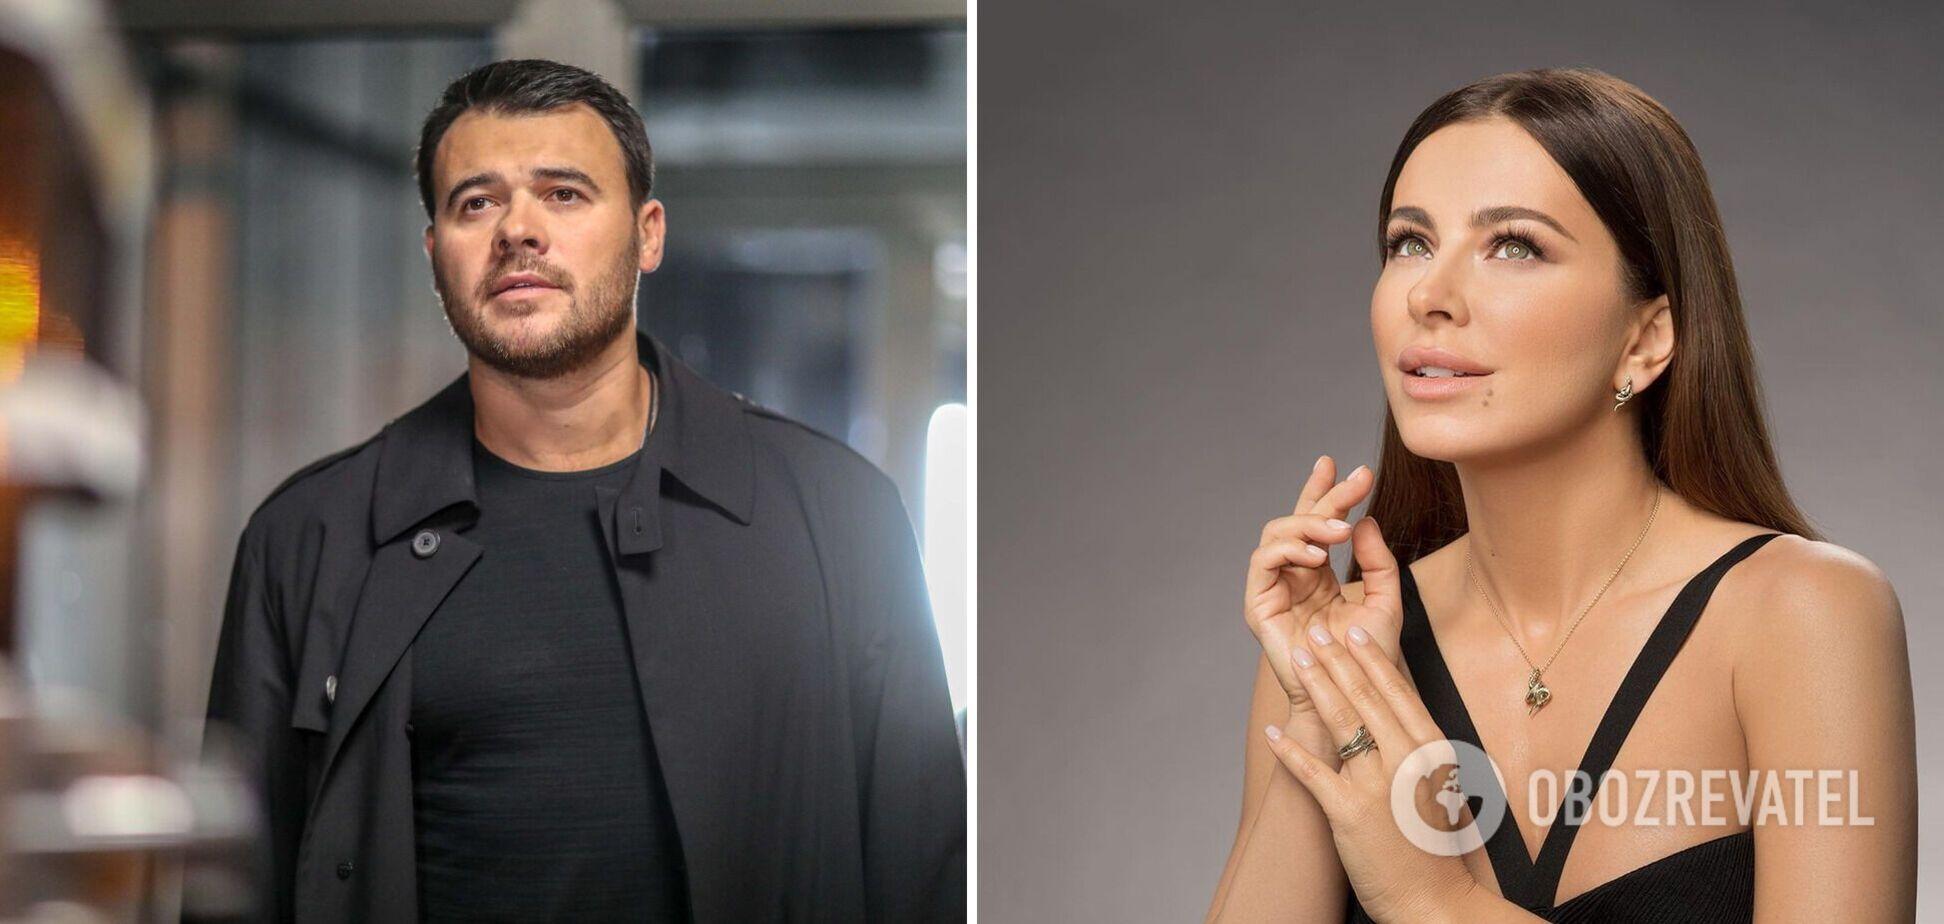 Співак Emin – про секс-скандал Ані Лорак і Меладзе: у мене немає позиції з цього приводу